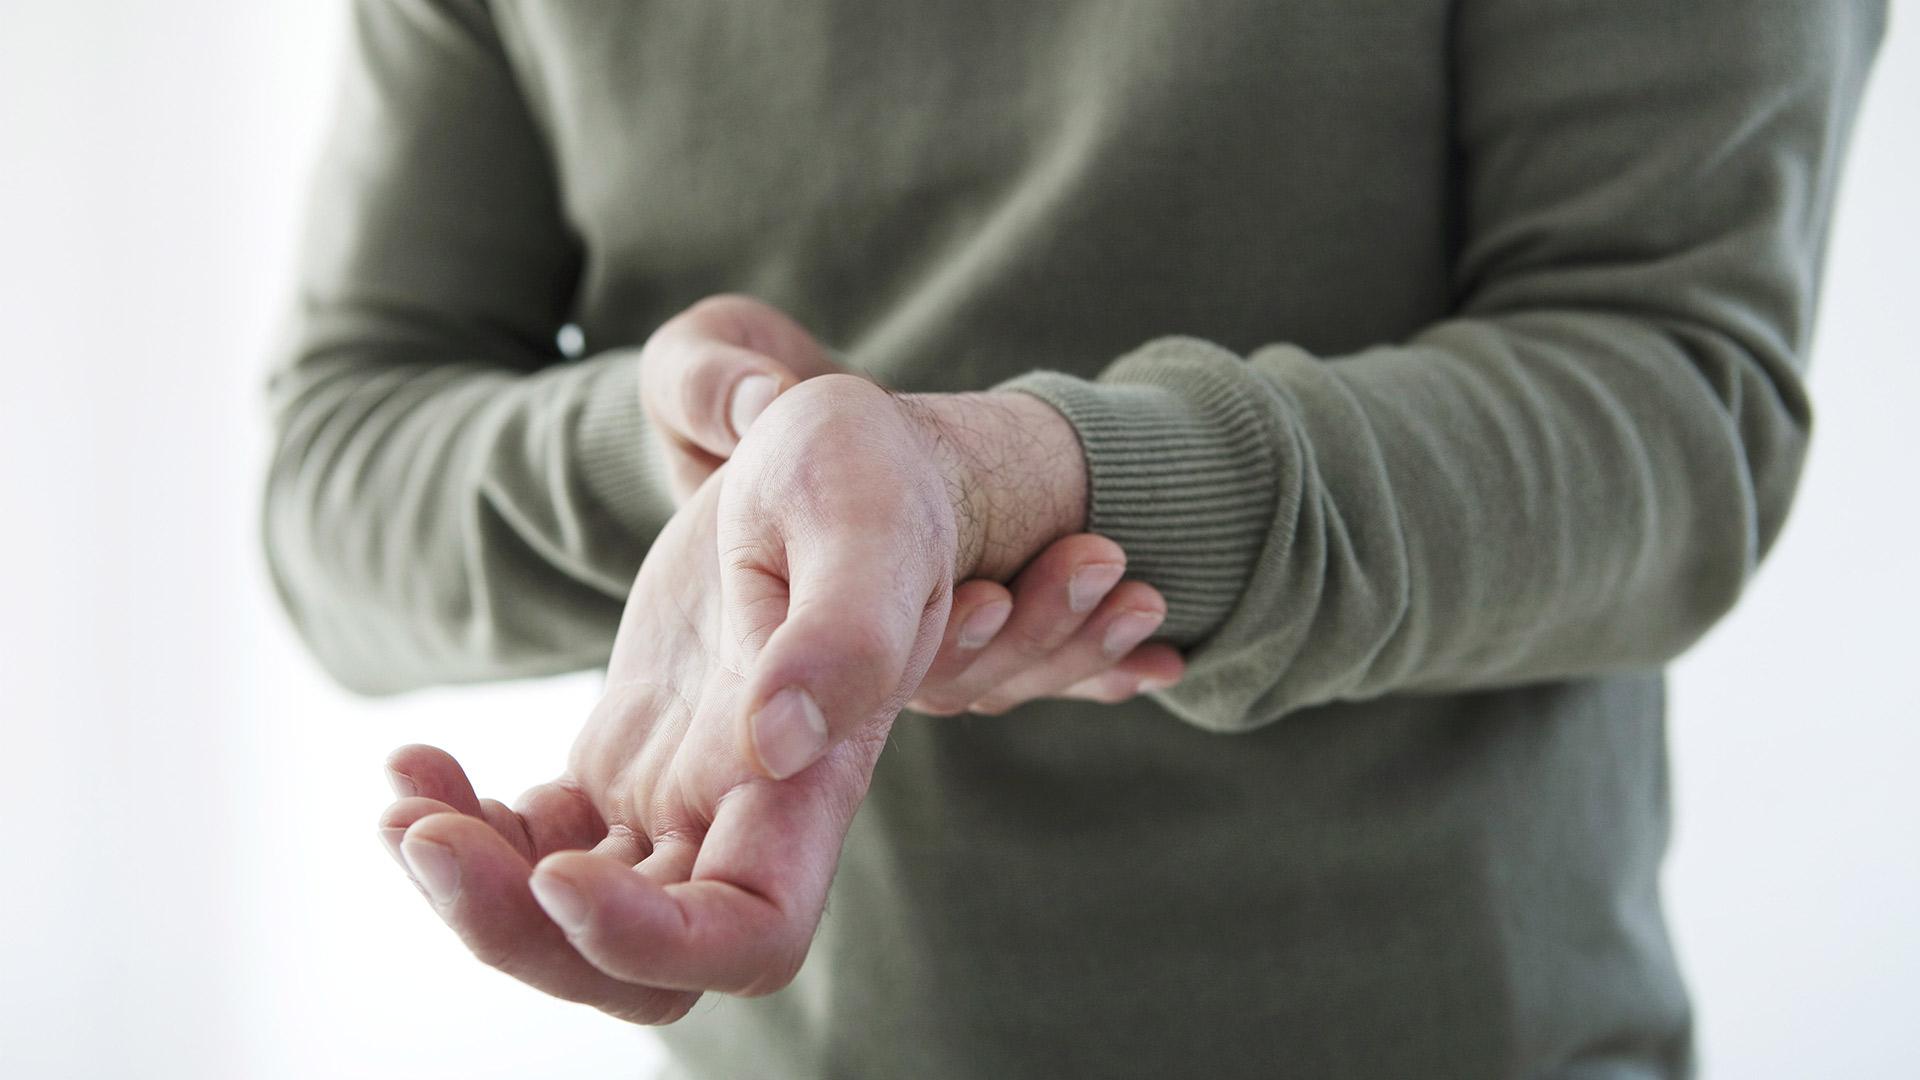 súlyos fájdalom a bokaízület törése során fájdalom az ujjak ízületeiben edzés után